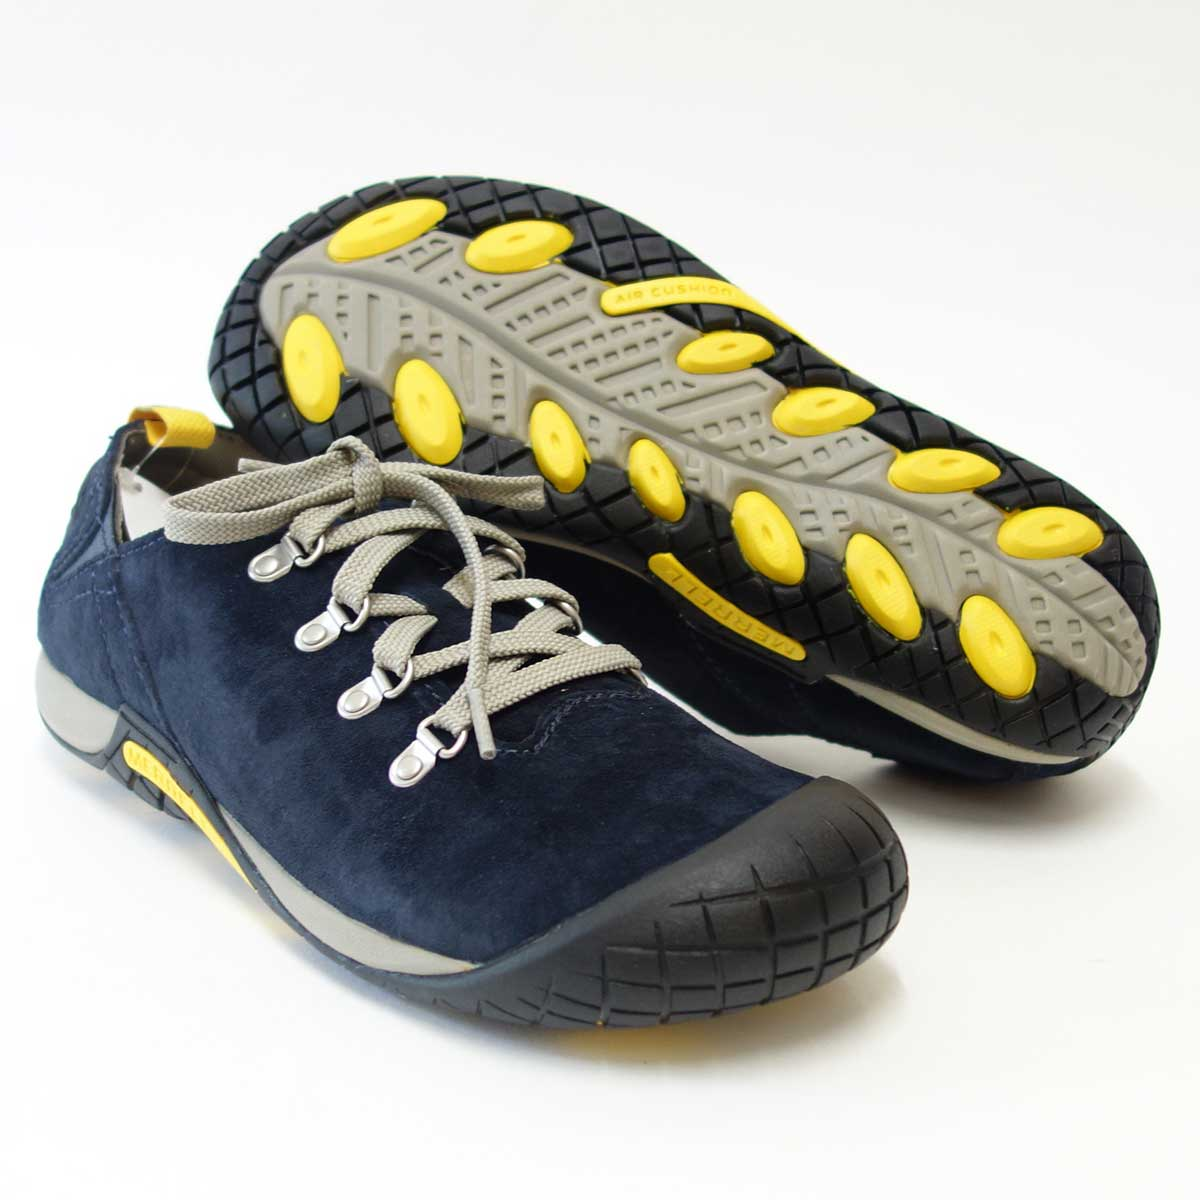 自然にフィットする快適カジュアル靴MERRELL メレル パスウェイレース(メンズ)ネイビー 575517 エアークッションで快適ウォーク「靴」